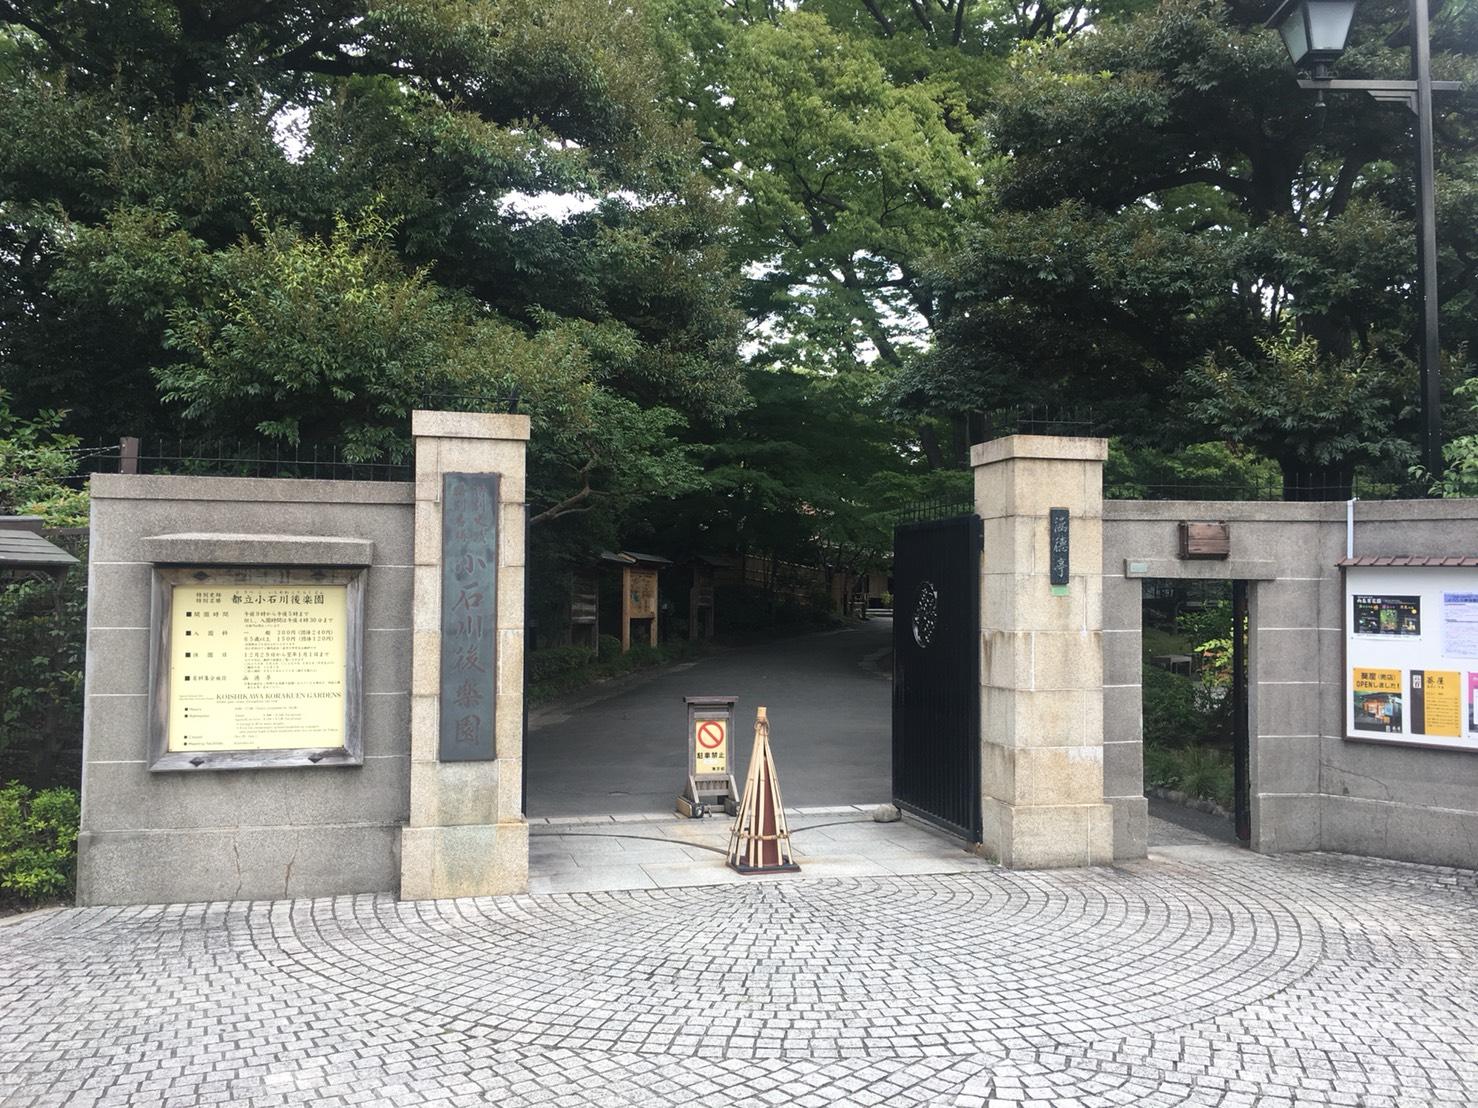 【飯田橋駅】江戸時代の中国趣味豊かな景観で一句「小石川後楽園」の小石川後楽園の出入口